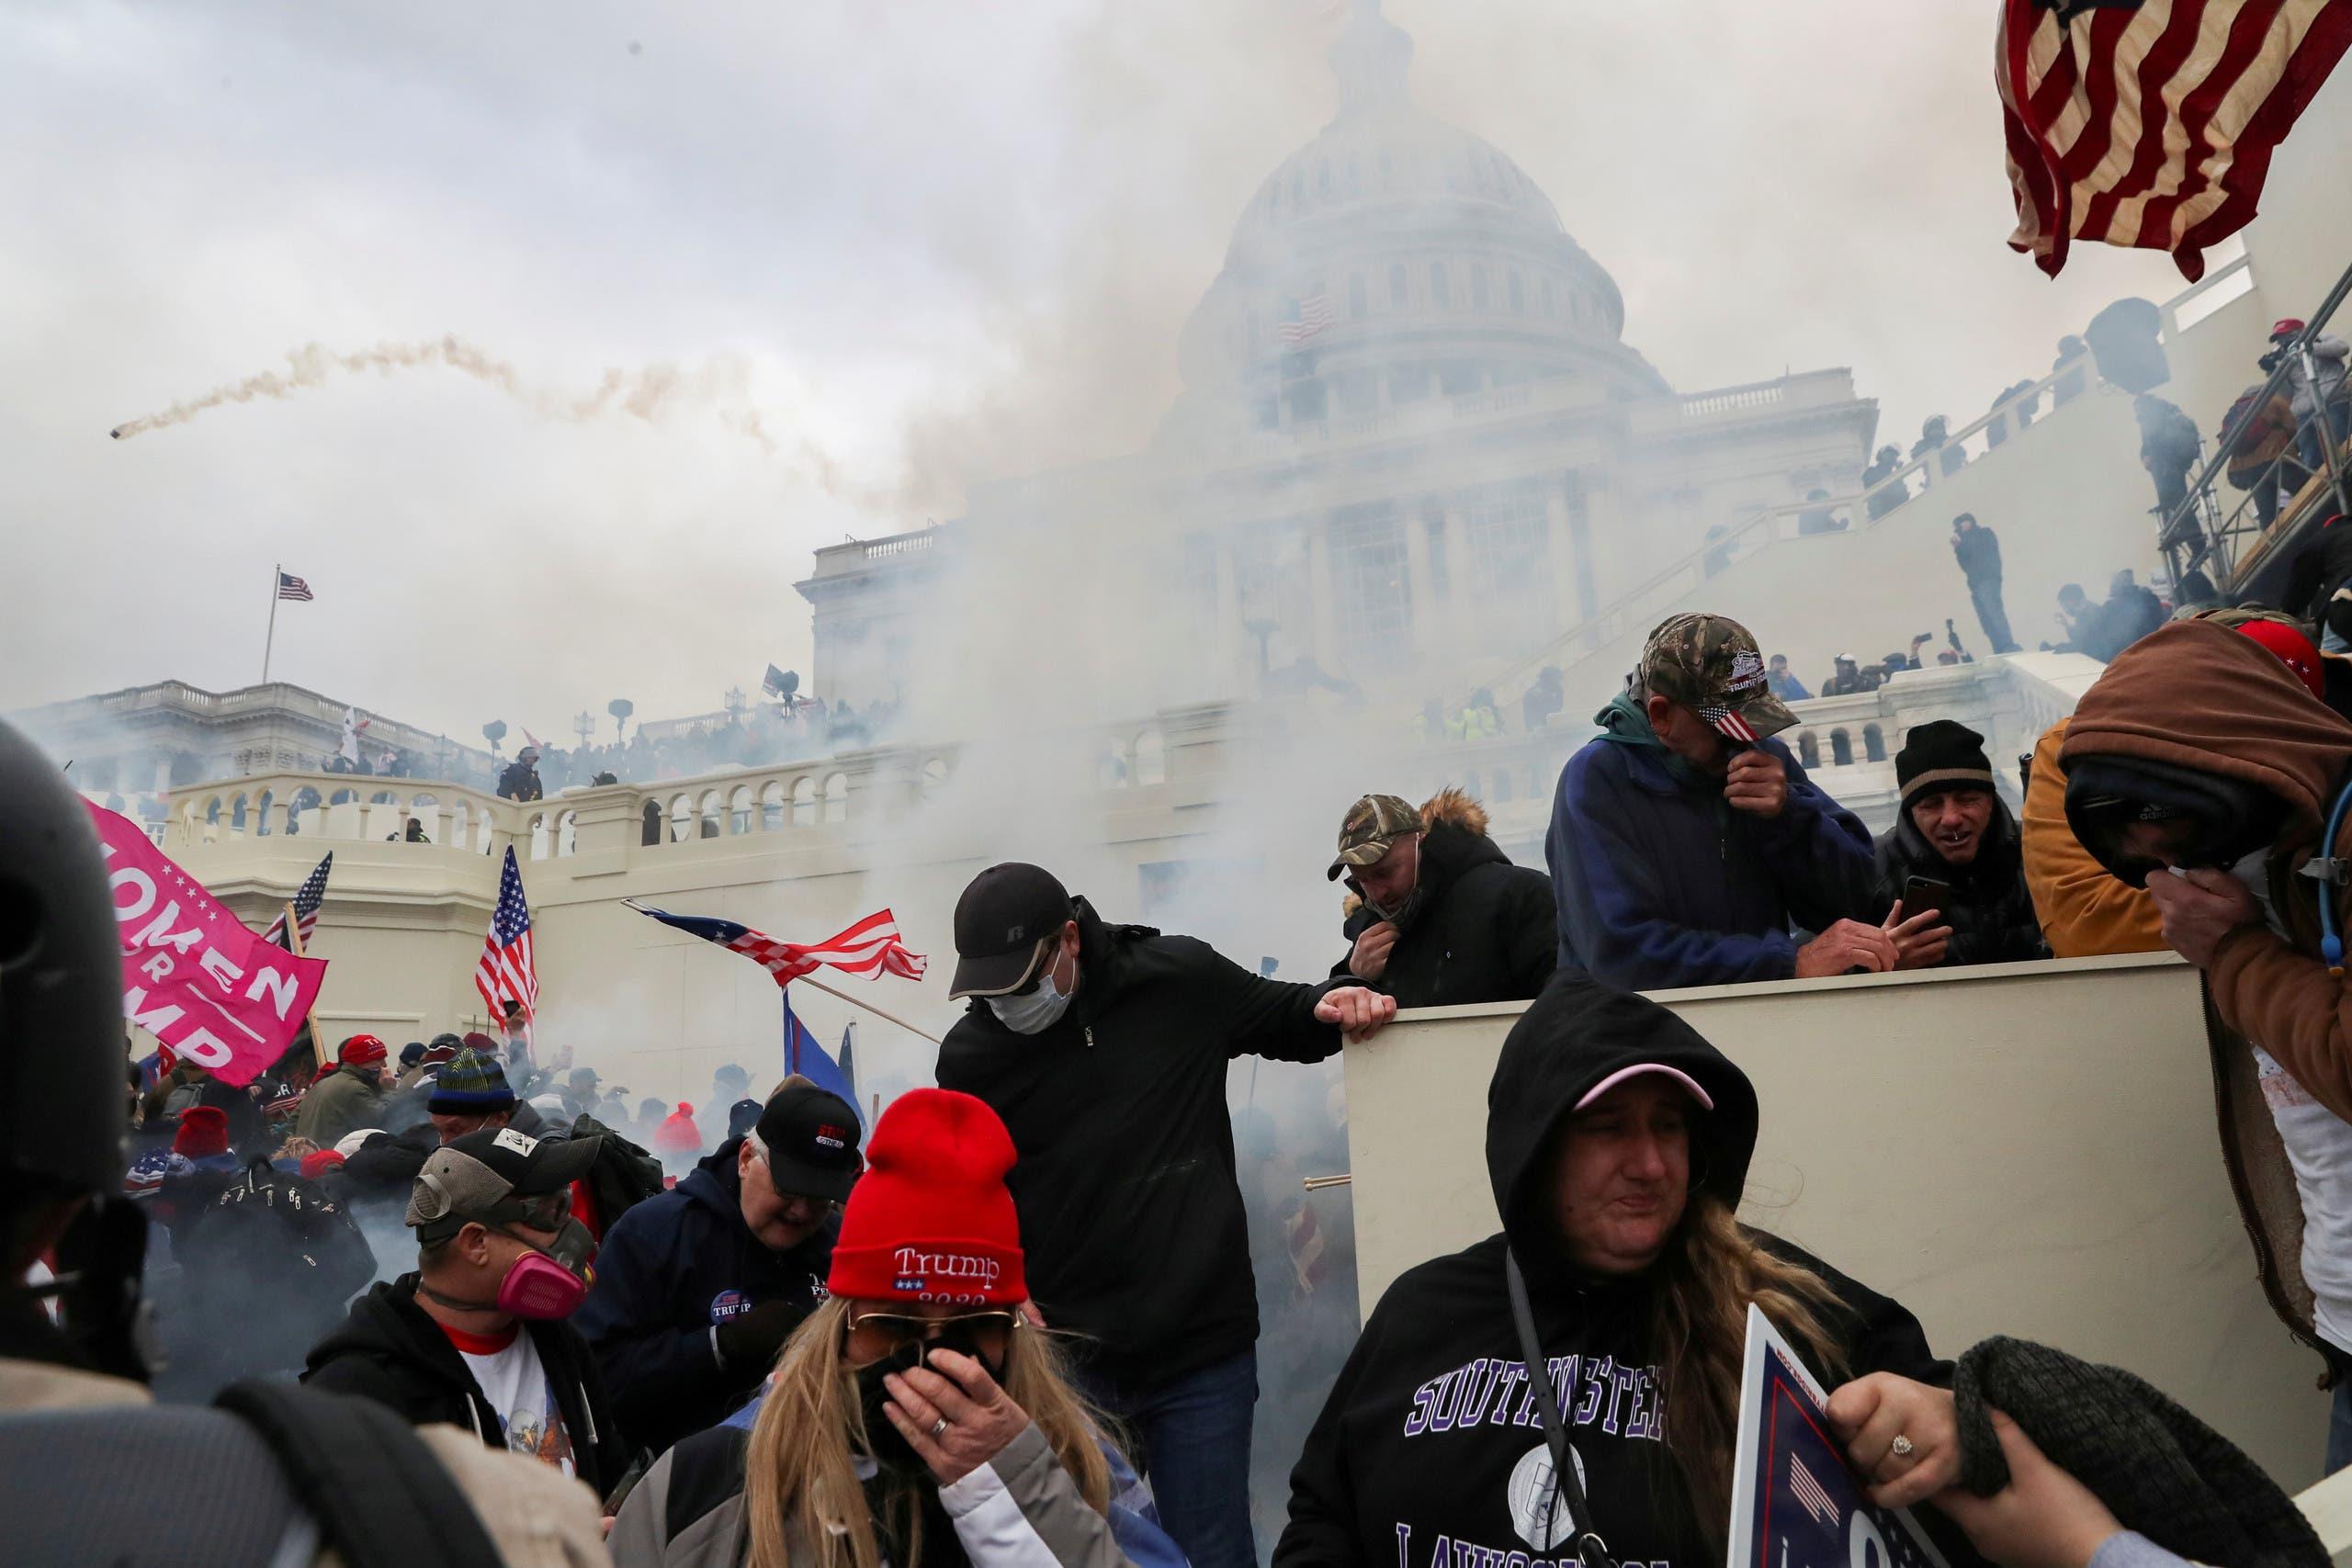 أنصار ترمب خلال اشتباك مع الشرطة أمام مبنى الكابيتول في واشنطن يوم 6 يناير